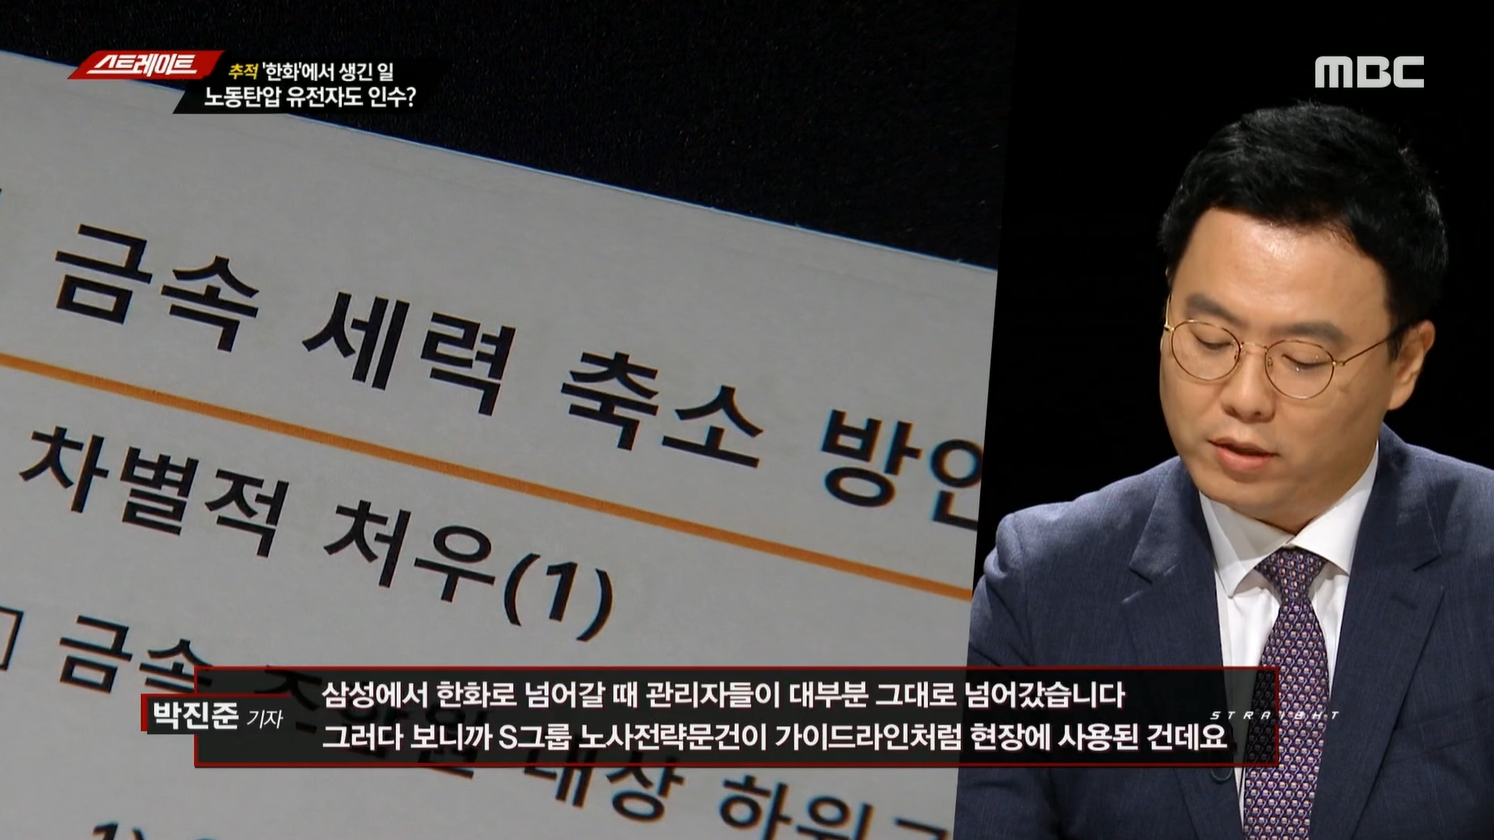 MBC 스트레이트 (9월 좋은 시사프로).jpg